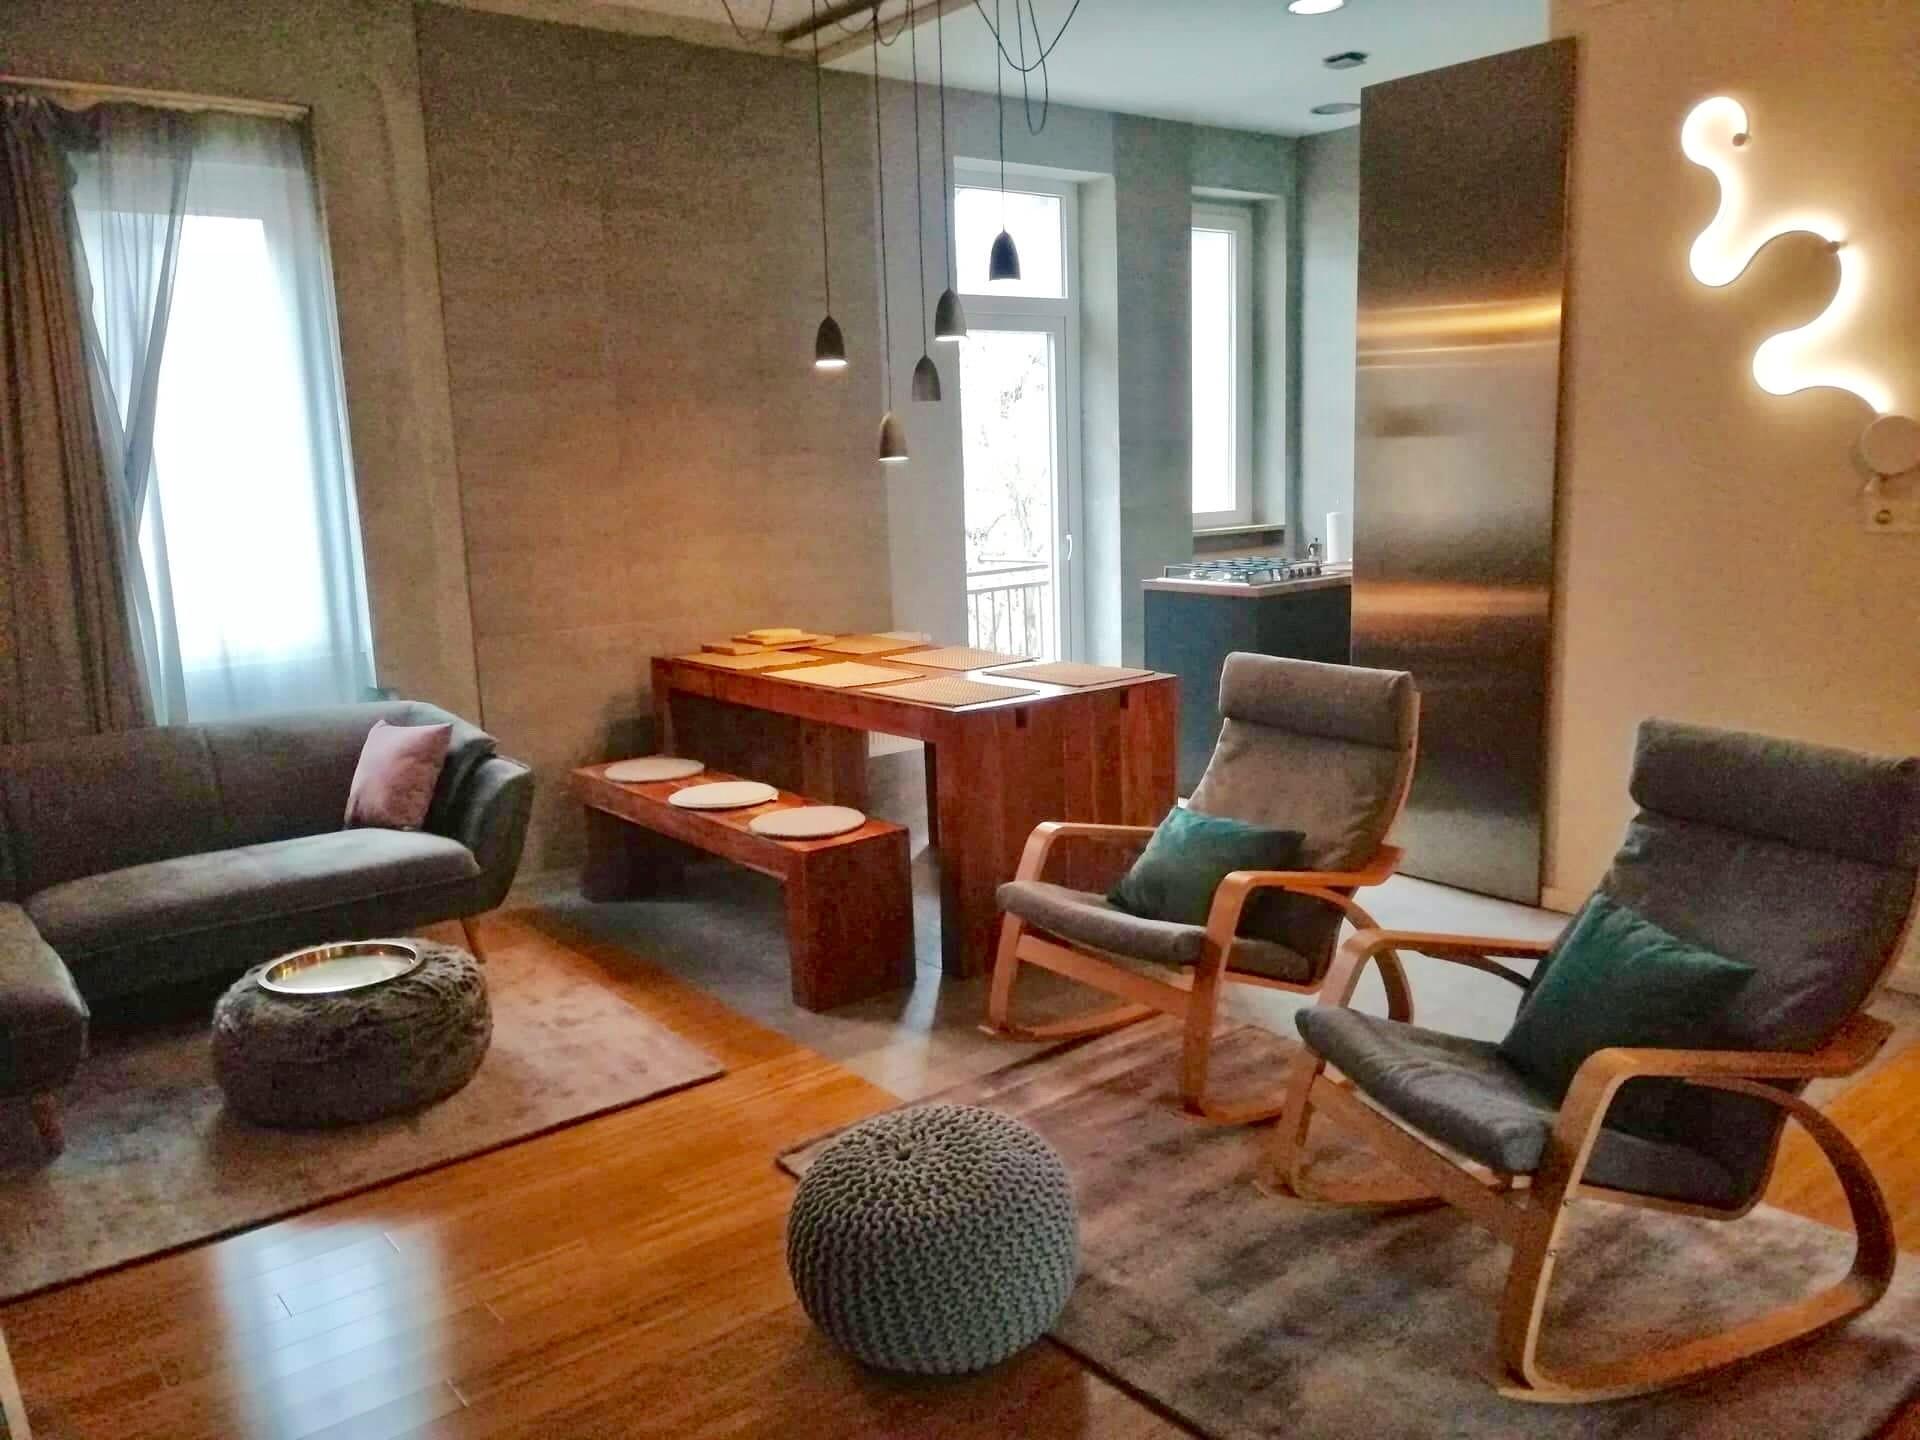 modern-spacious-2-bedroom-apartment-center-2974566ec5ed40ecd70ba9402efa761e